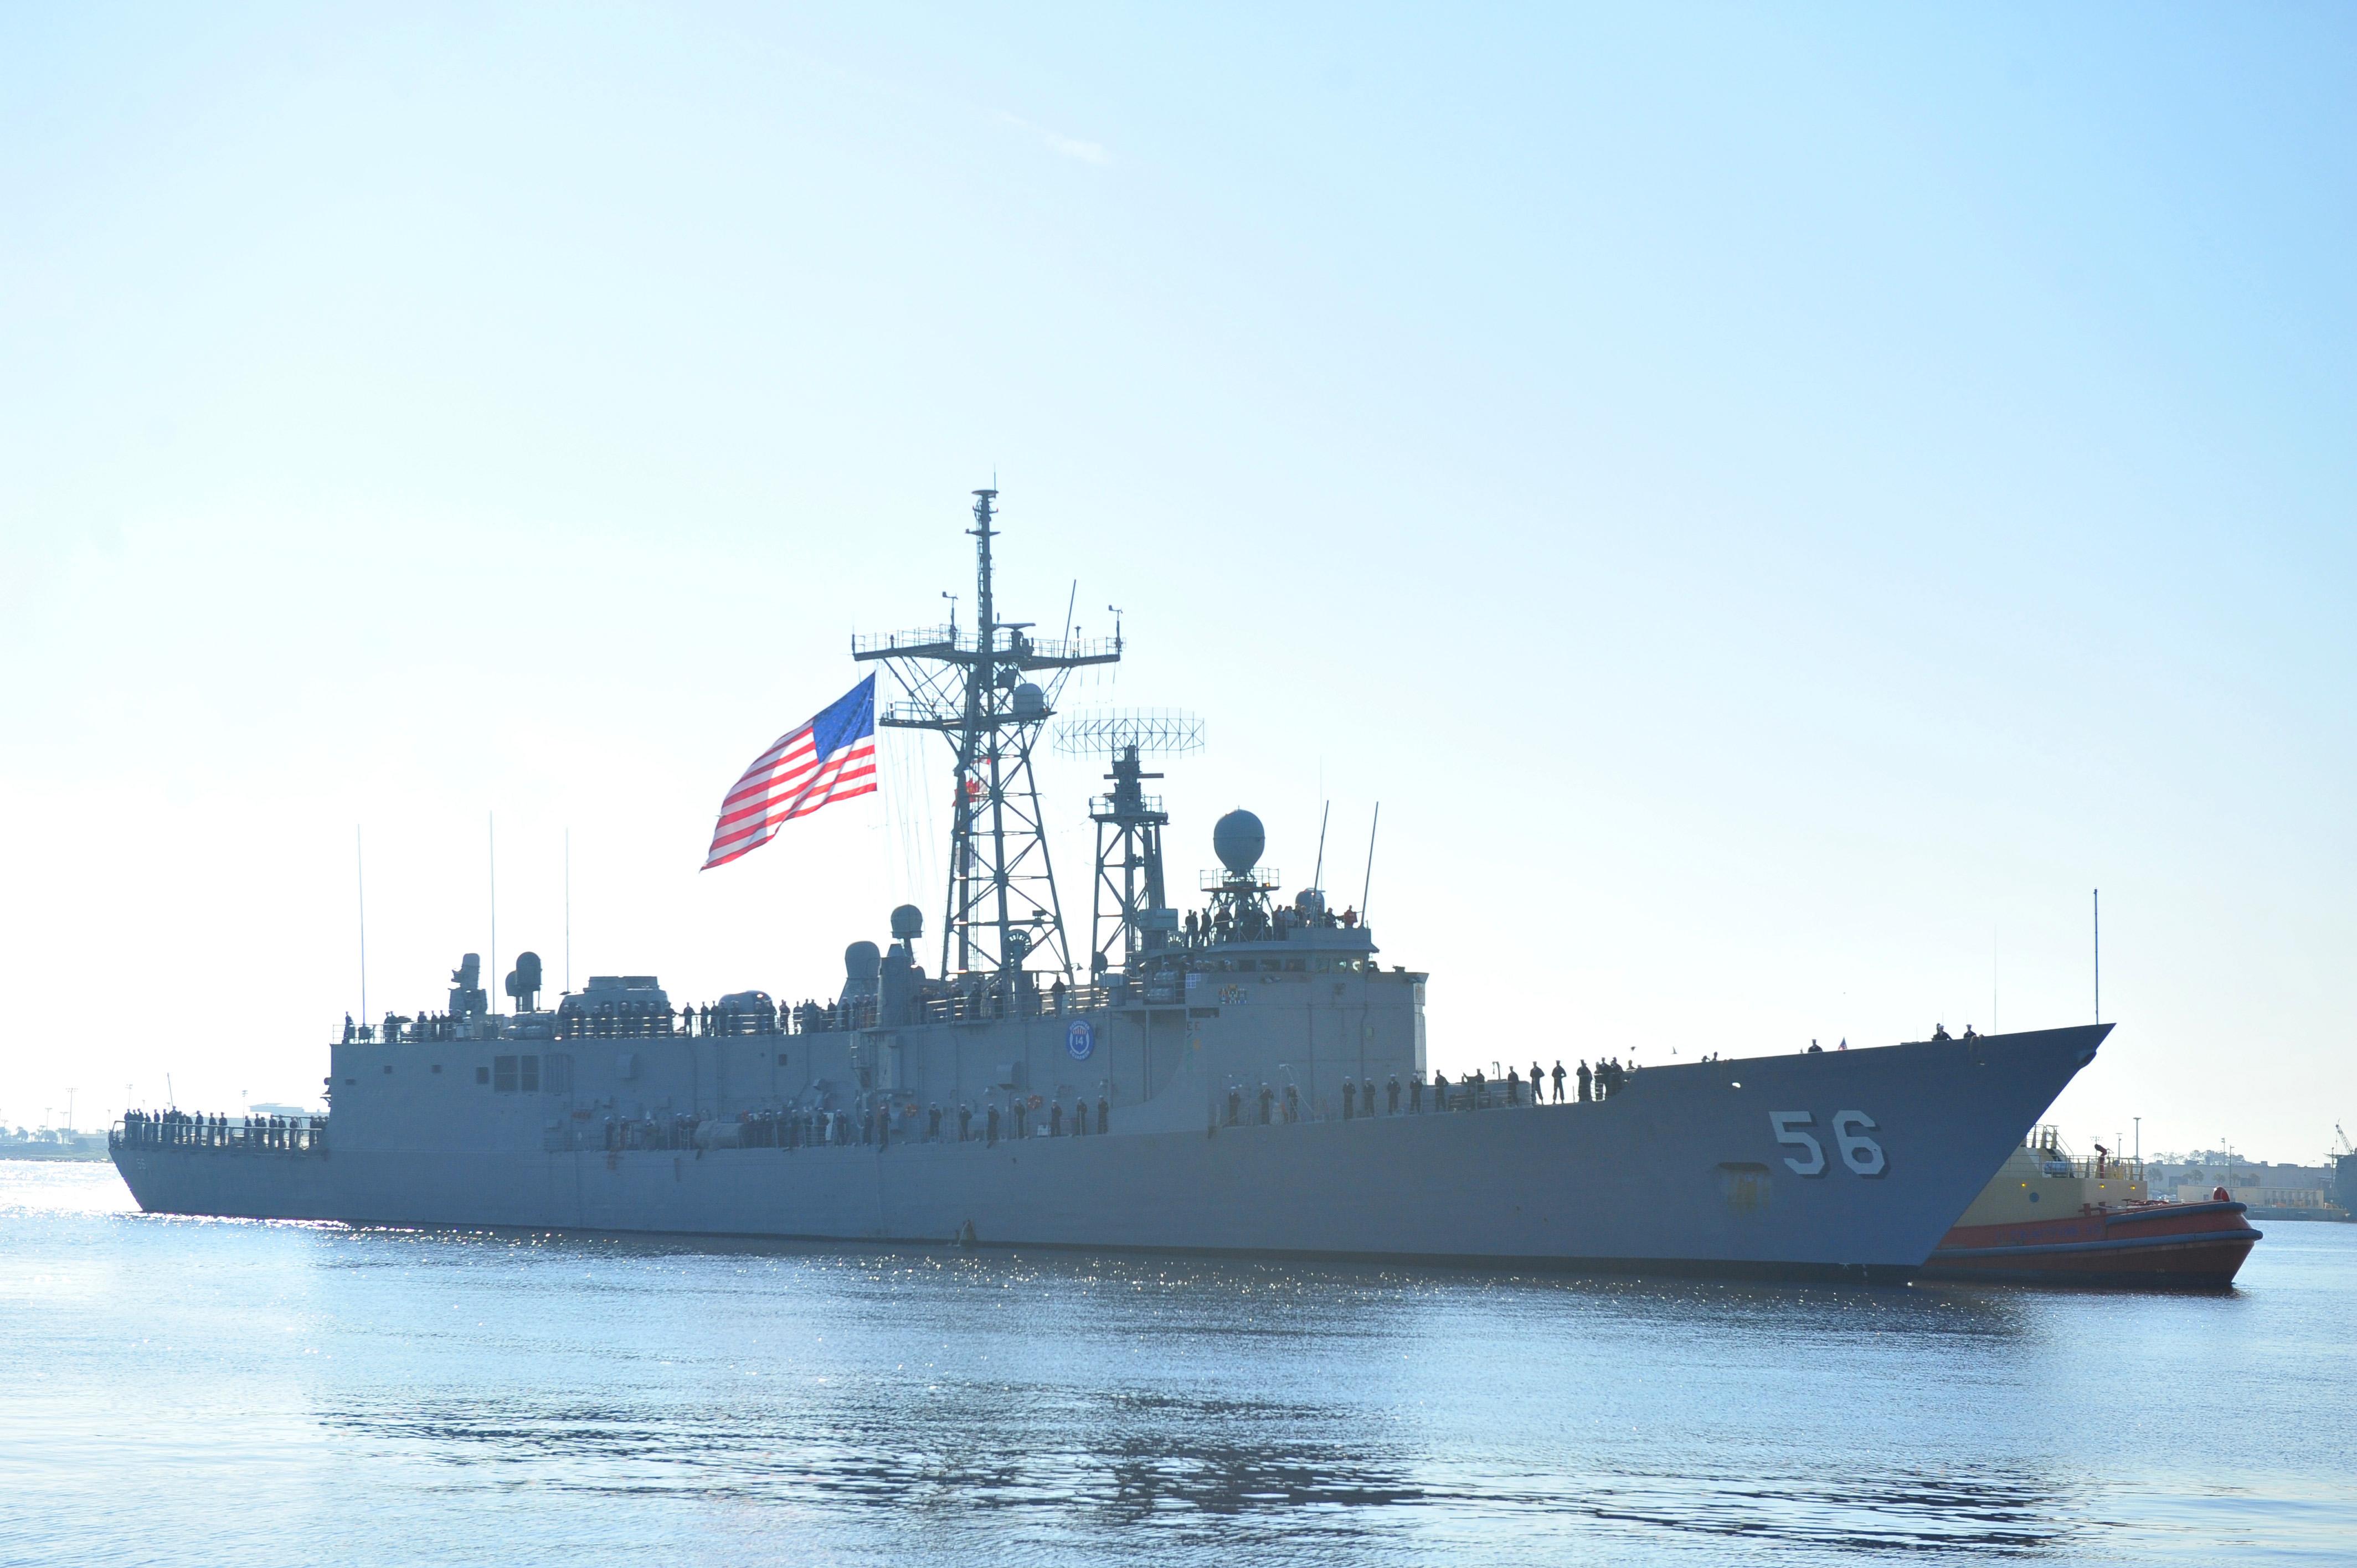 USS SIMPSON FFG-56 Einlaufen Mayport am 20.03.2014 Bild: U.S. Navy